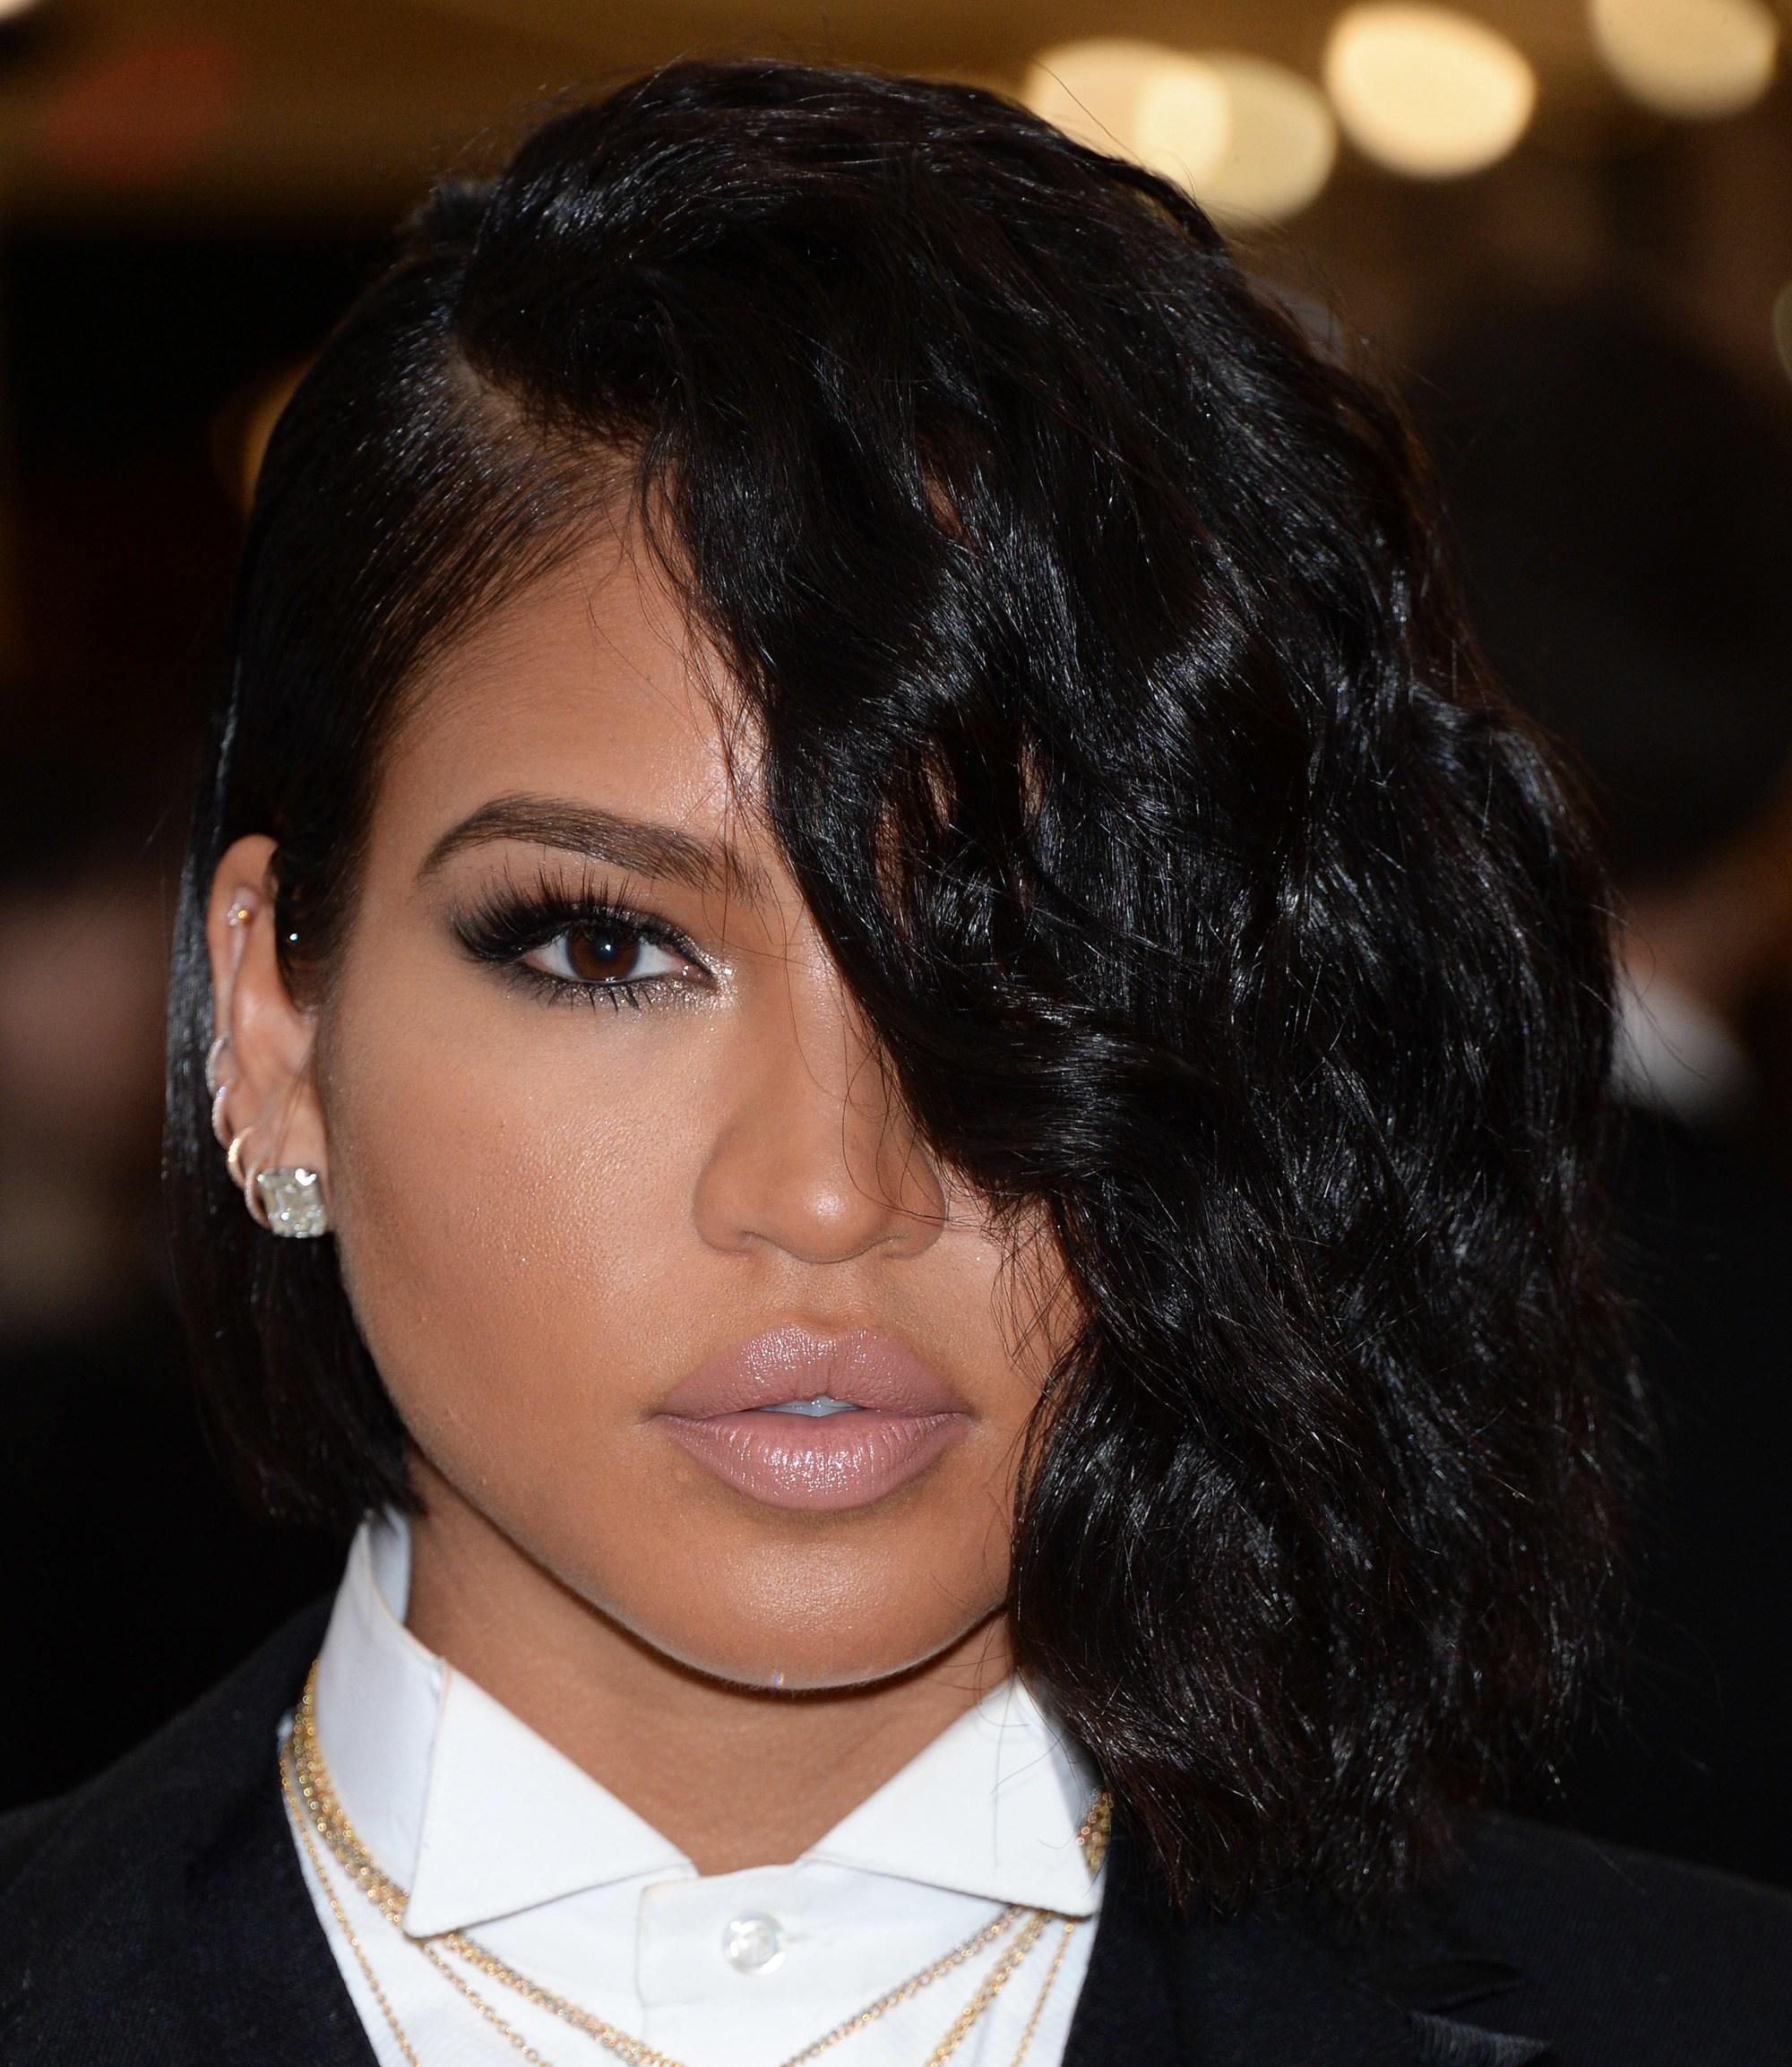 Les coiffures de Bob : Cassie Ventura avec une coupe de bob sombre avec une longue frange balayée sur le côté qui couvre son œil sur le tapis rouge